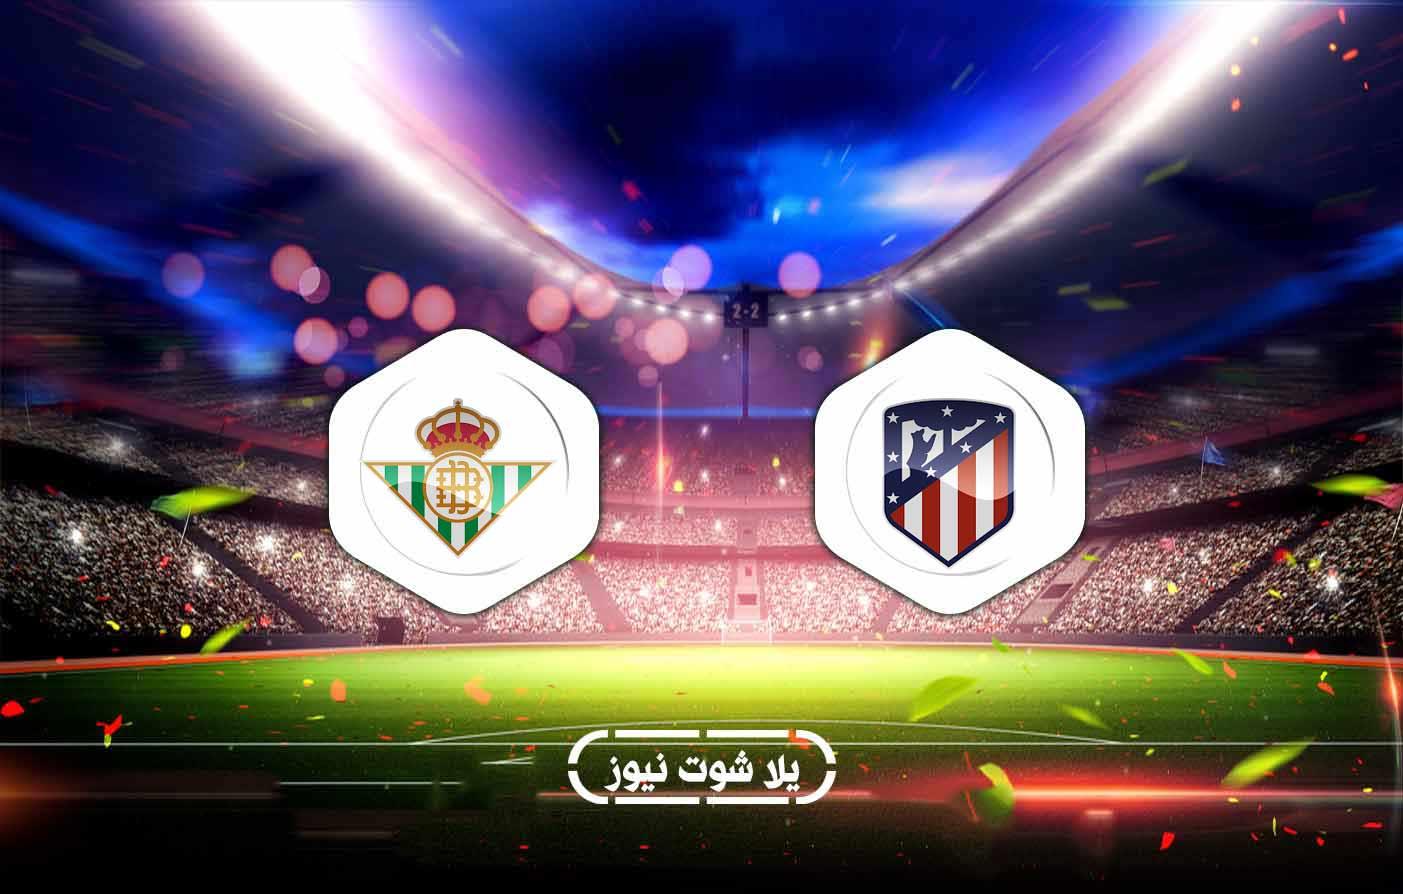 ملخص مباراة اتليتكو مدريد 2-0 ريال بيتيس بتاريخ 2020-10-25 الدوري الاسباني